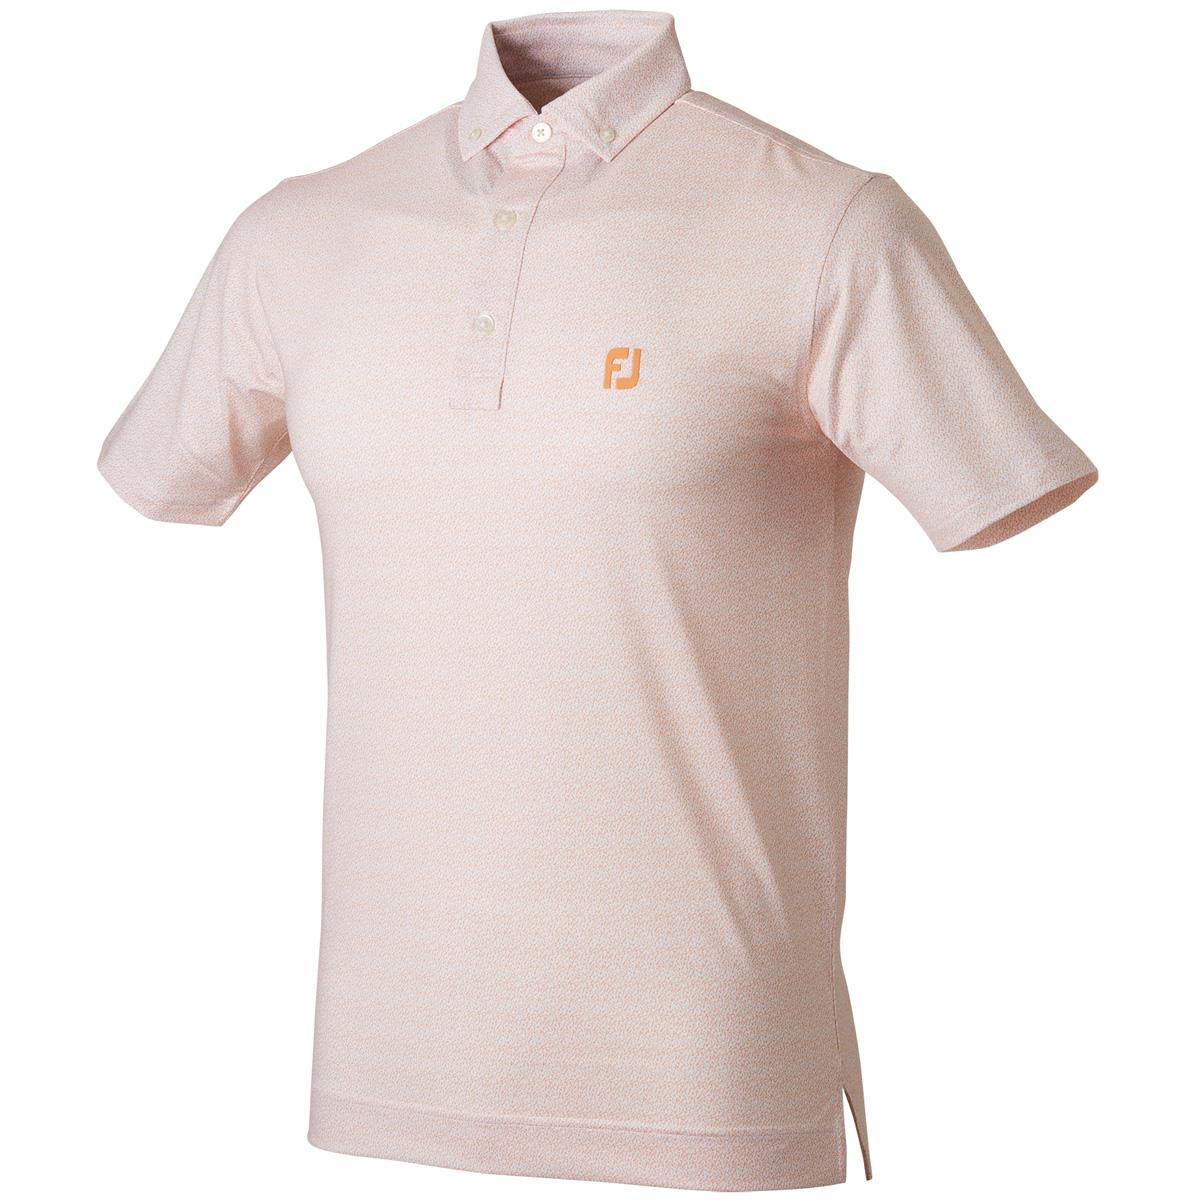 グラニットプリント半袖ポロシャツ